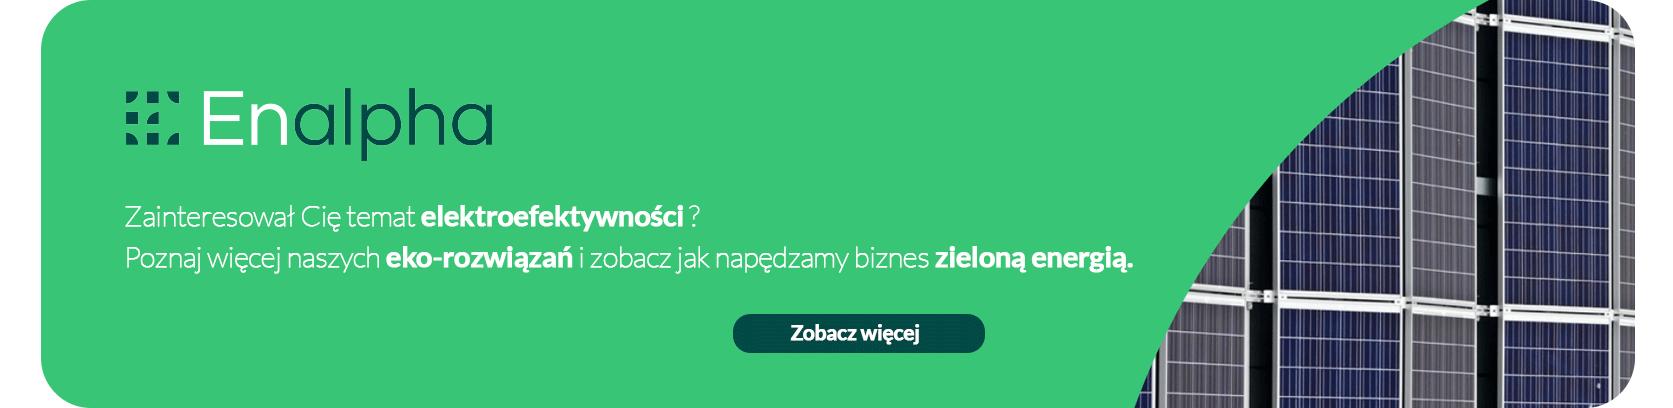 b2bp_28.png